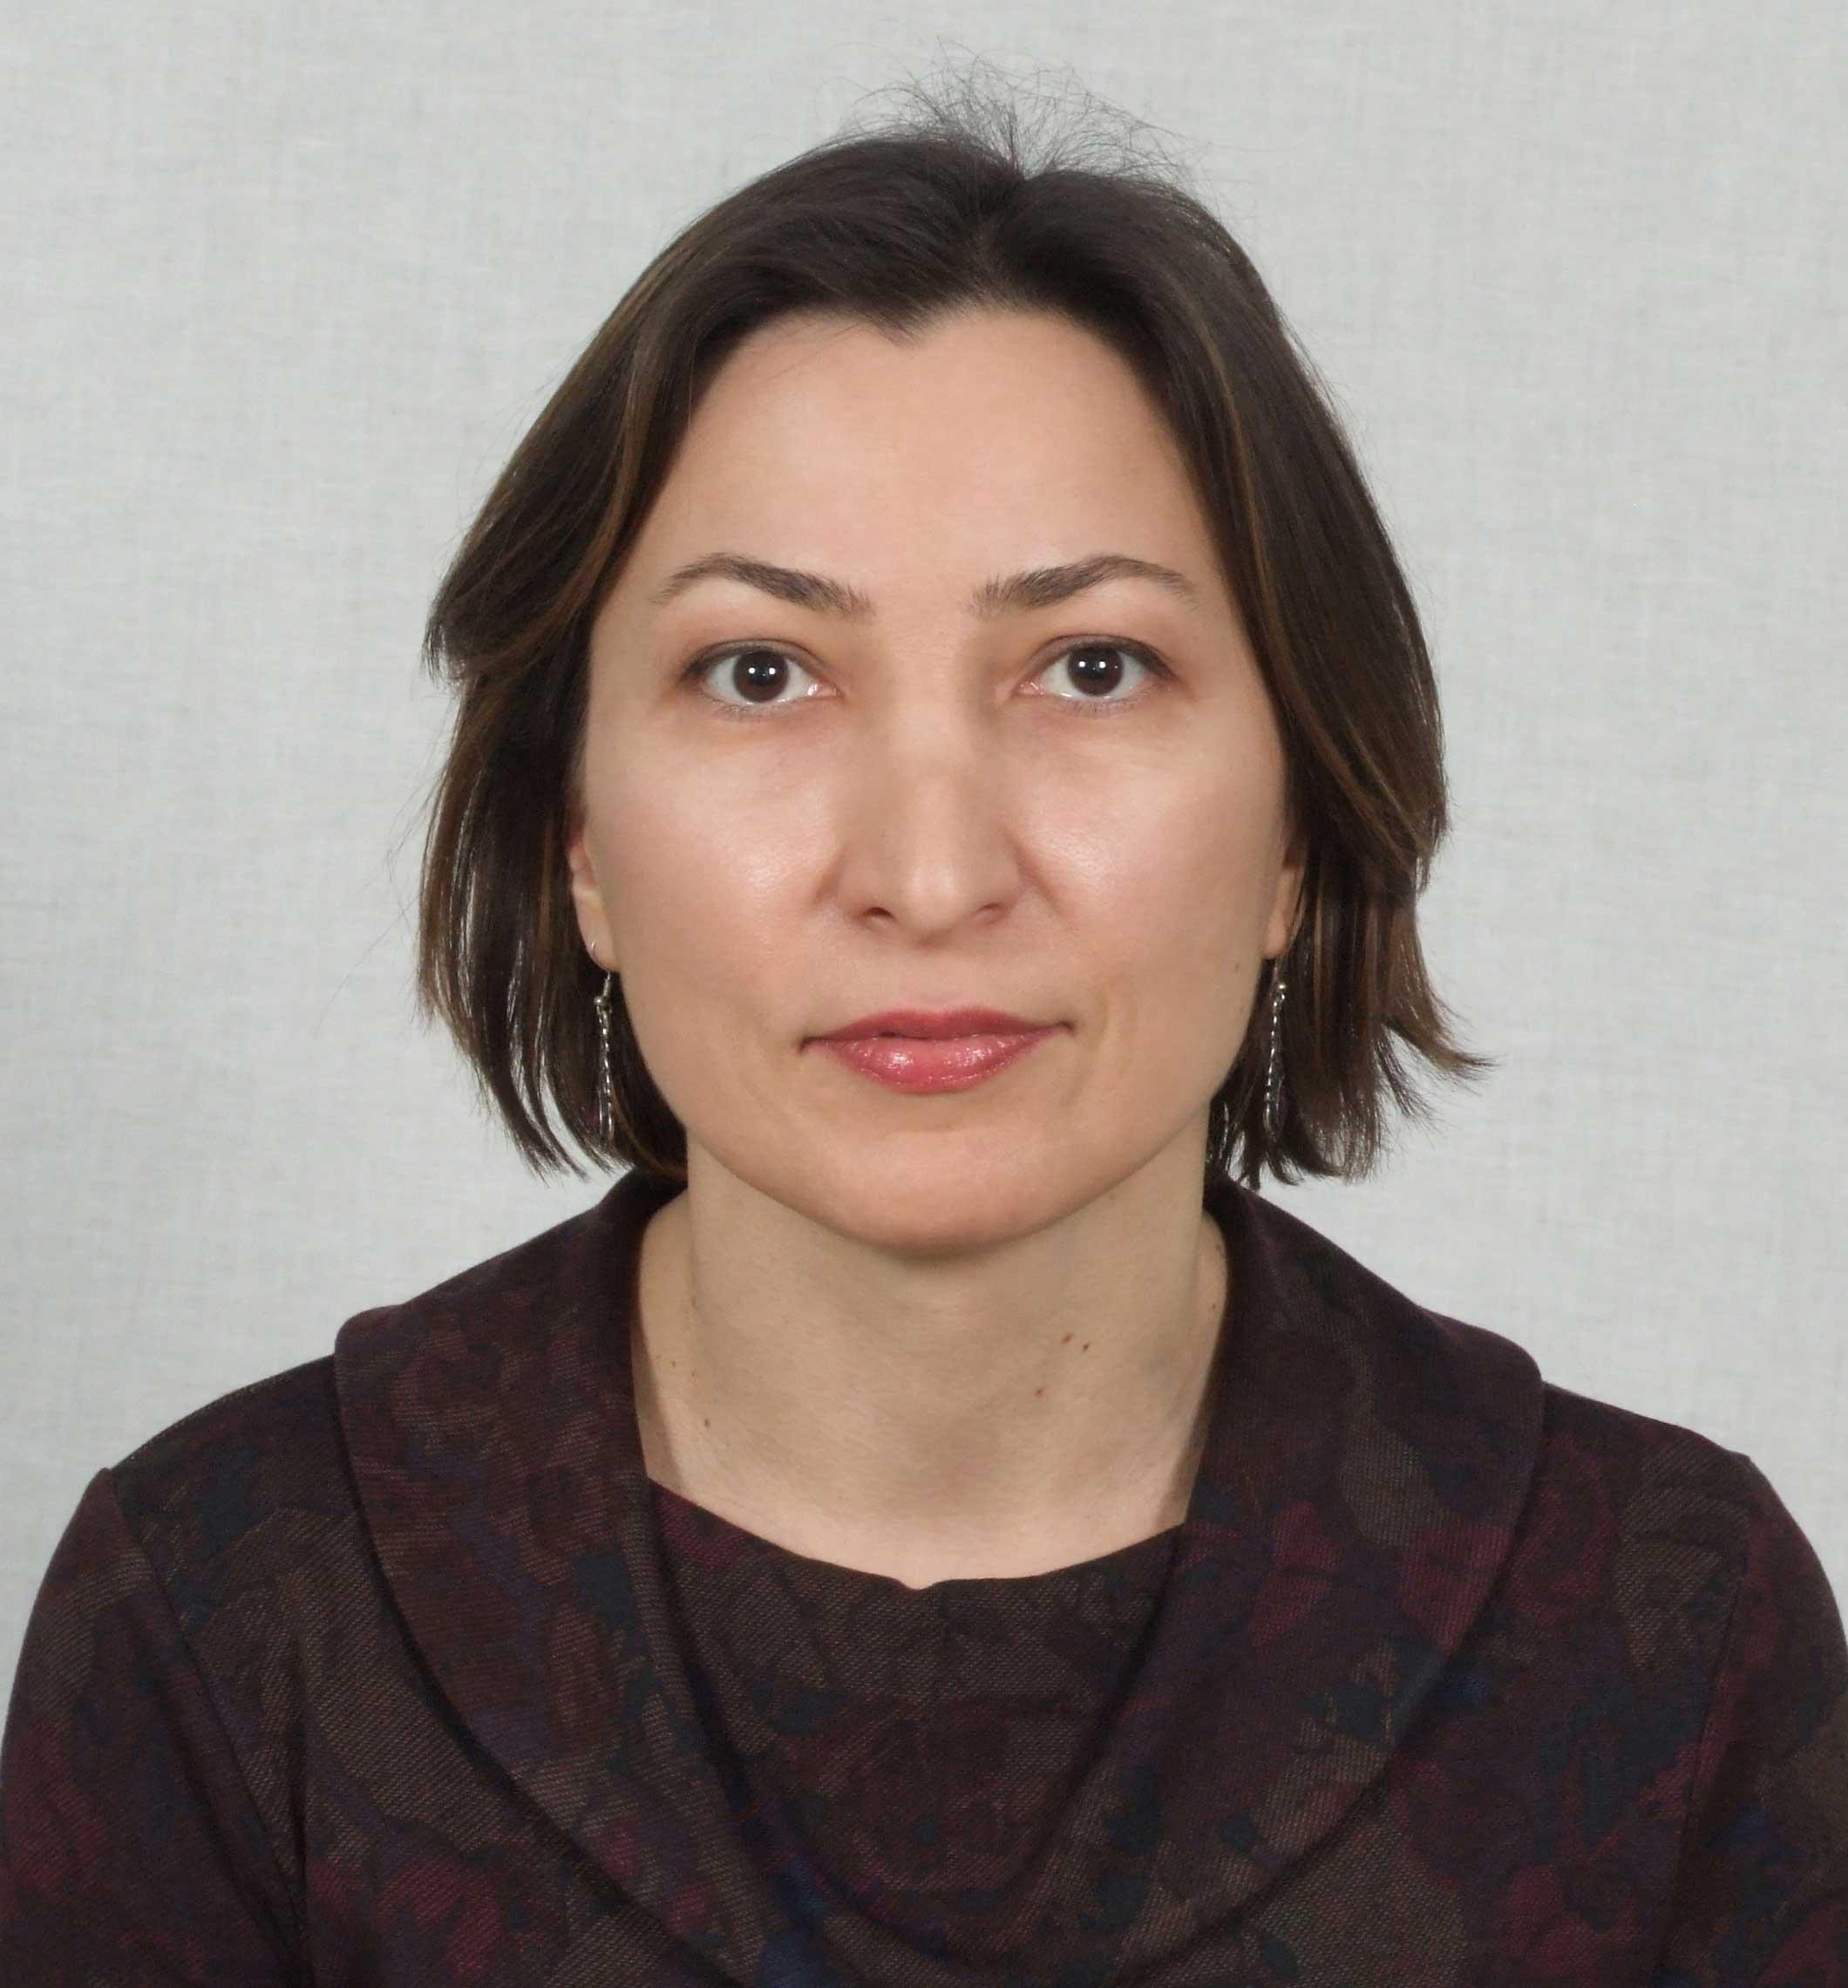 Јасна Цвијетић